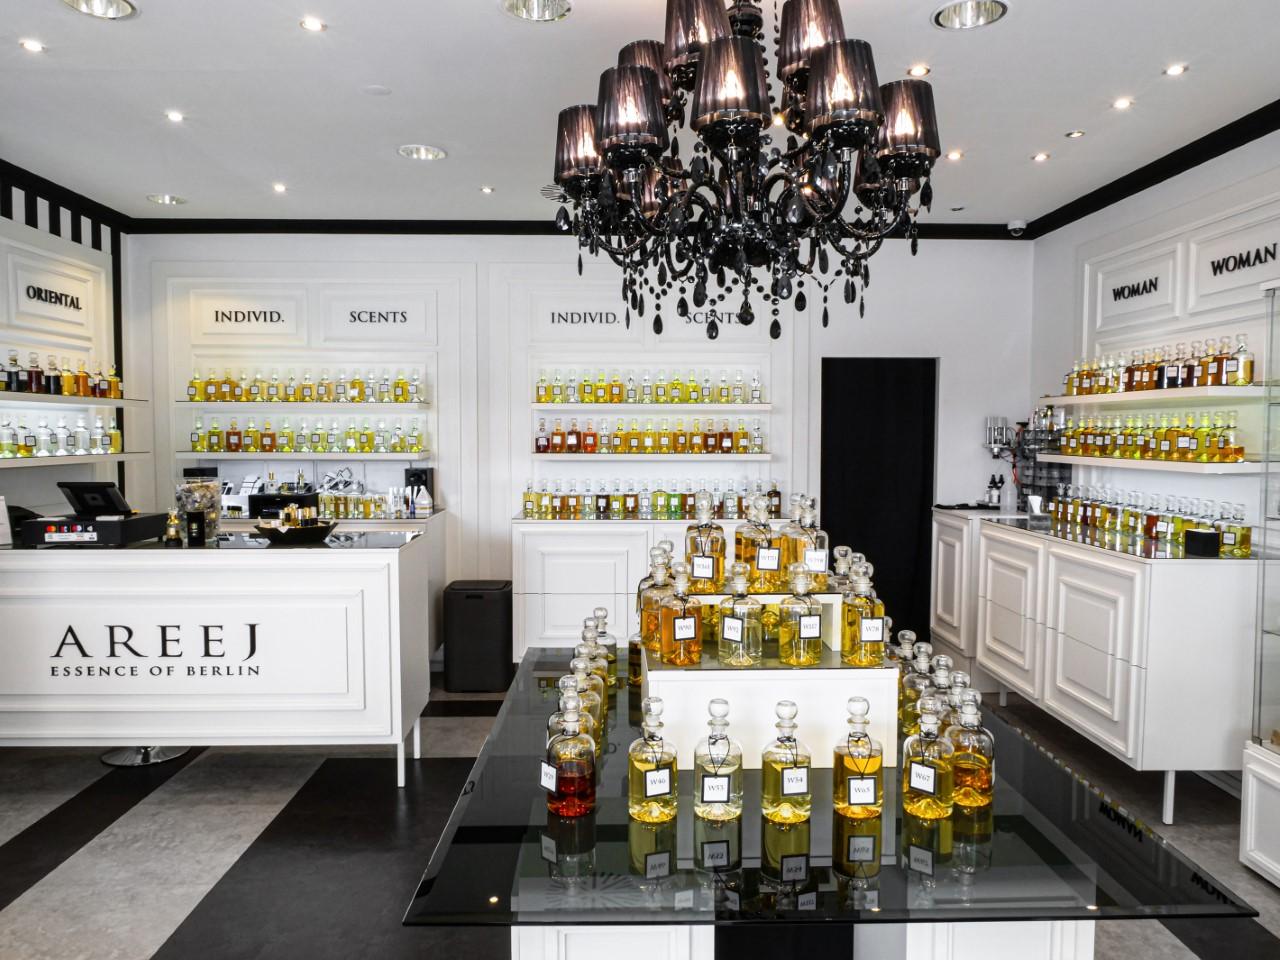 Parfümerie in Berlin Auch das Team der Parfümerie Areej wird von seiner Leidenschaft für unverwechselbare Düfte angetrieben.